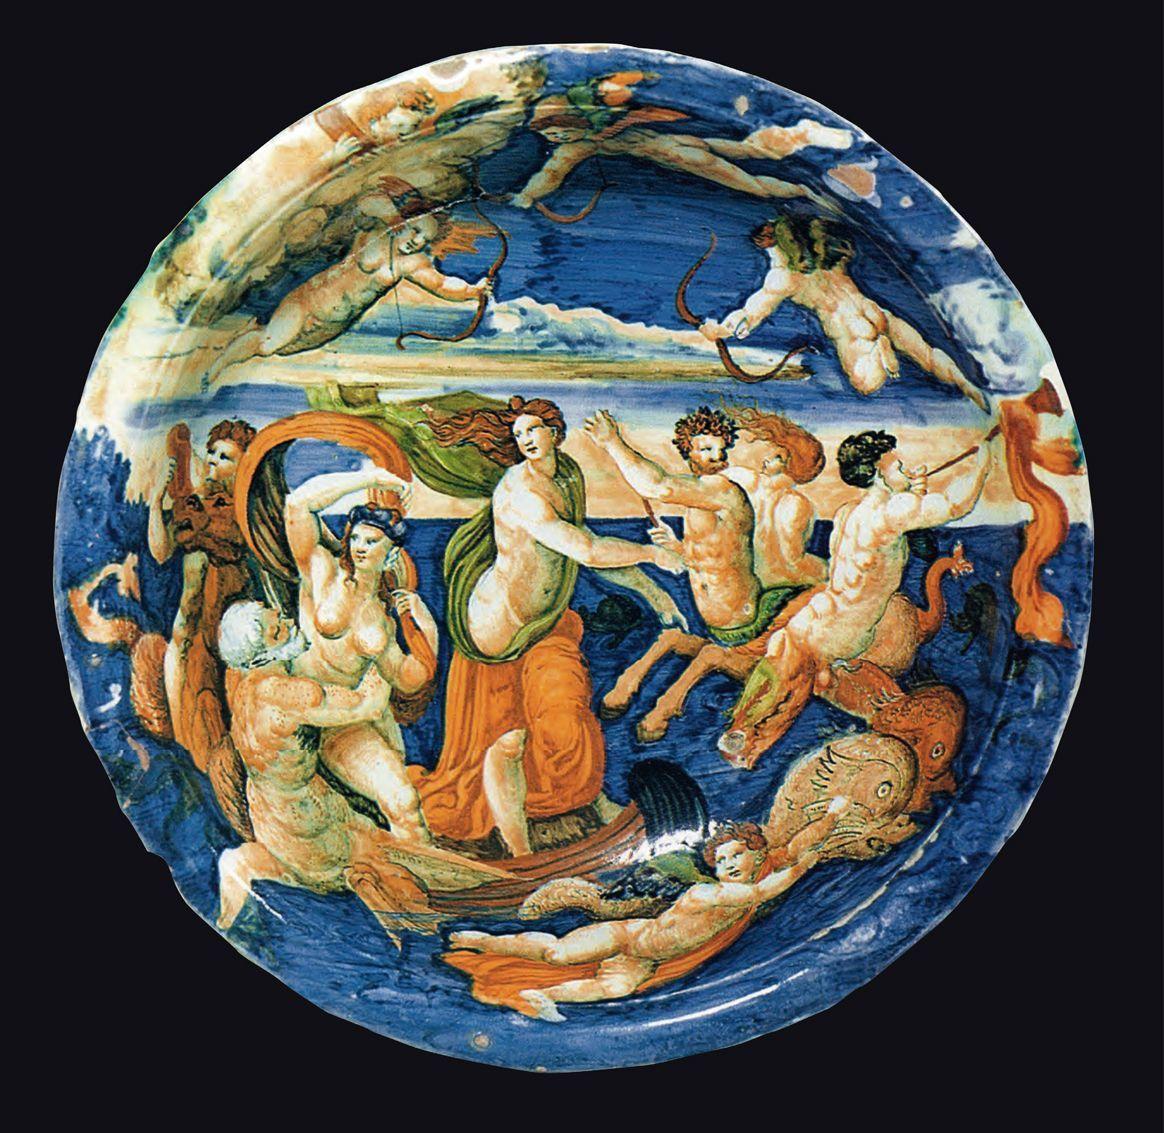 Bacile in maiolica istoriata, 1570 c.